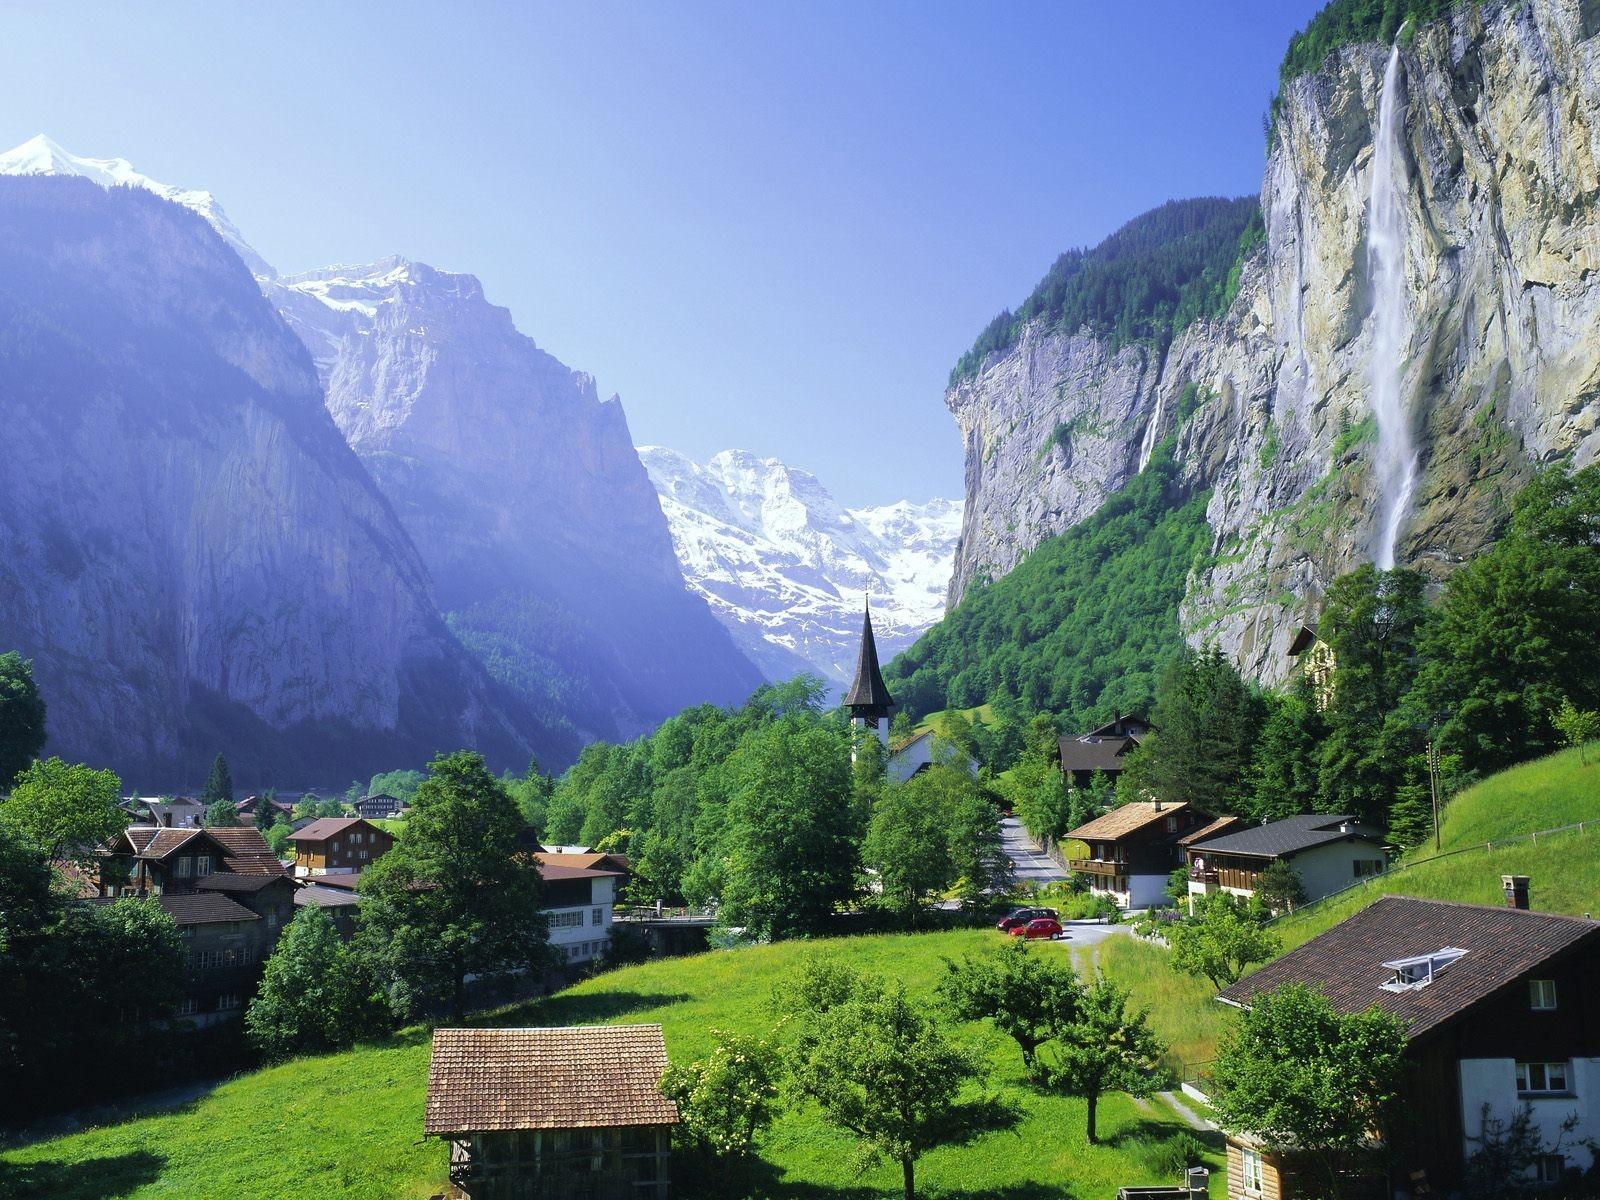 альпийские горы фото для рабочего стола очень красивая